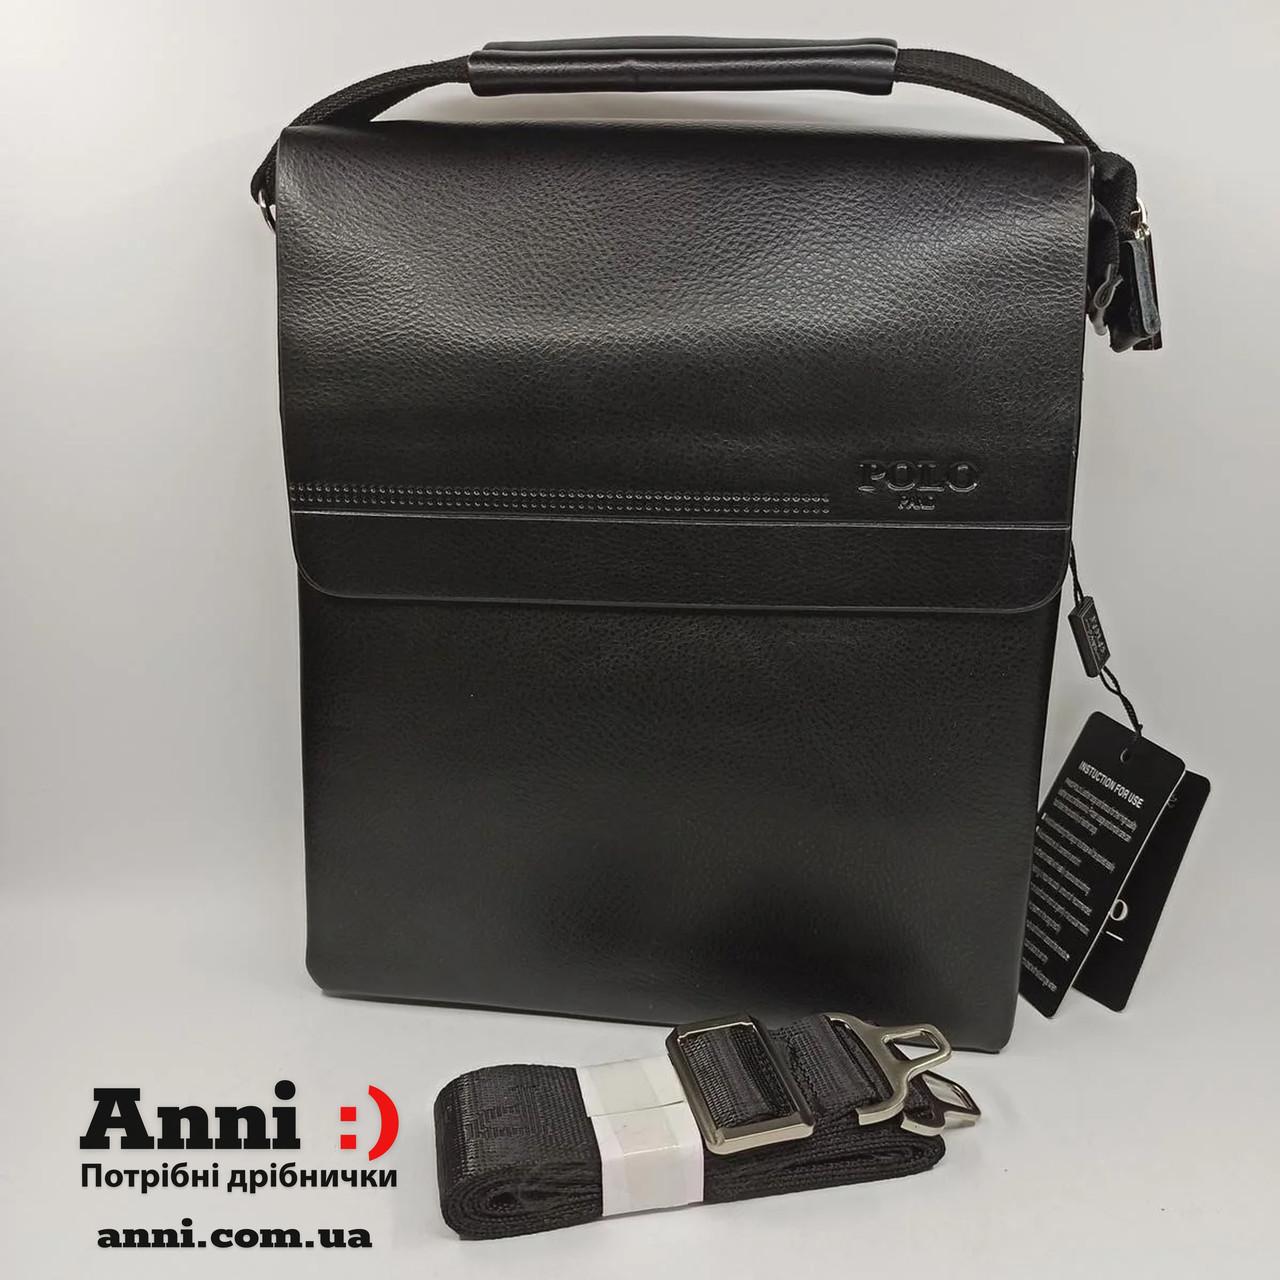 Чоловіча шкіряна сумка планшет через плече 22см * 19см Polo B350-2